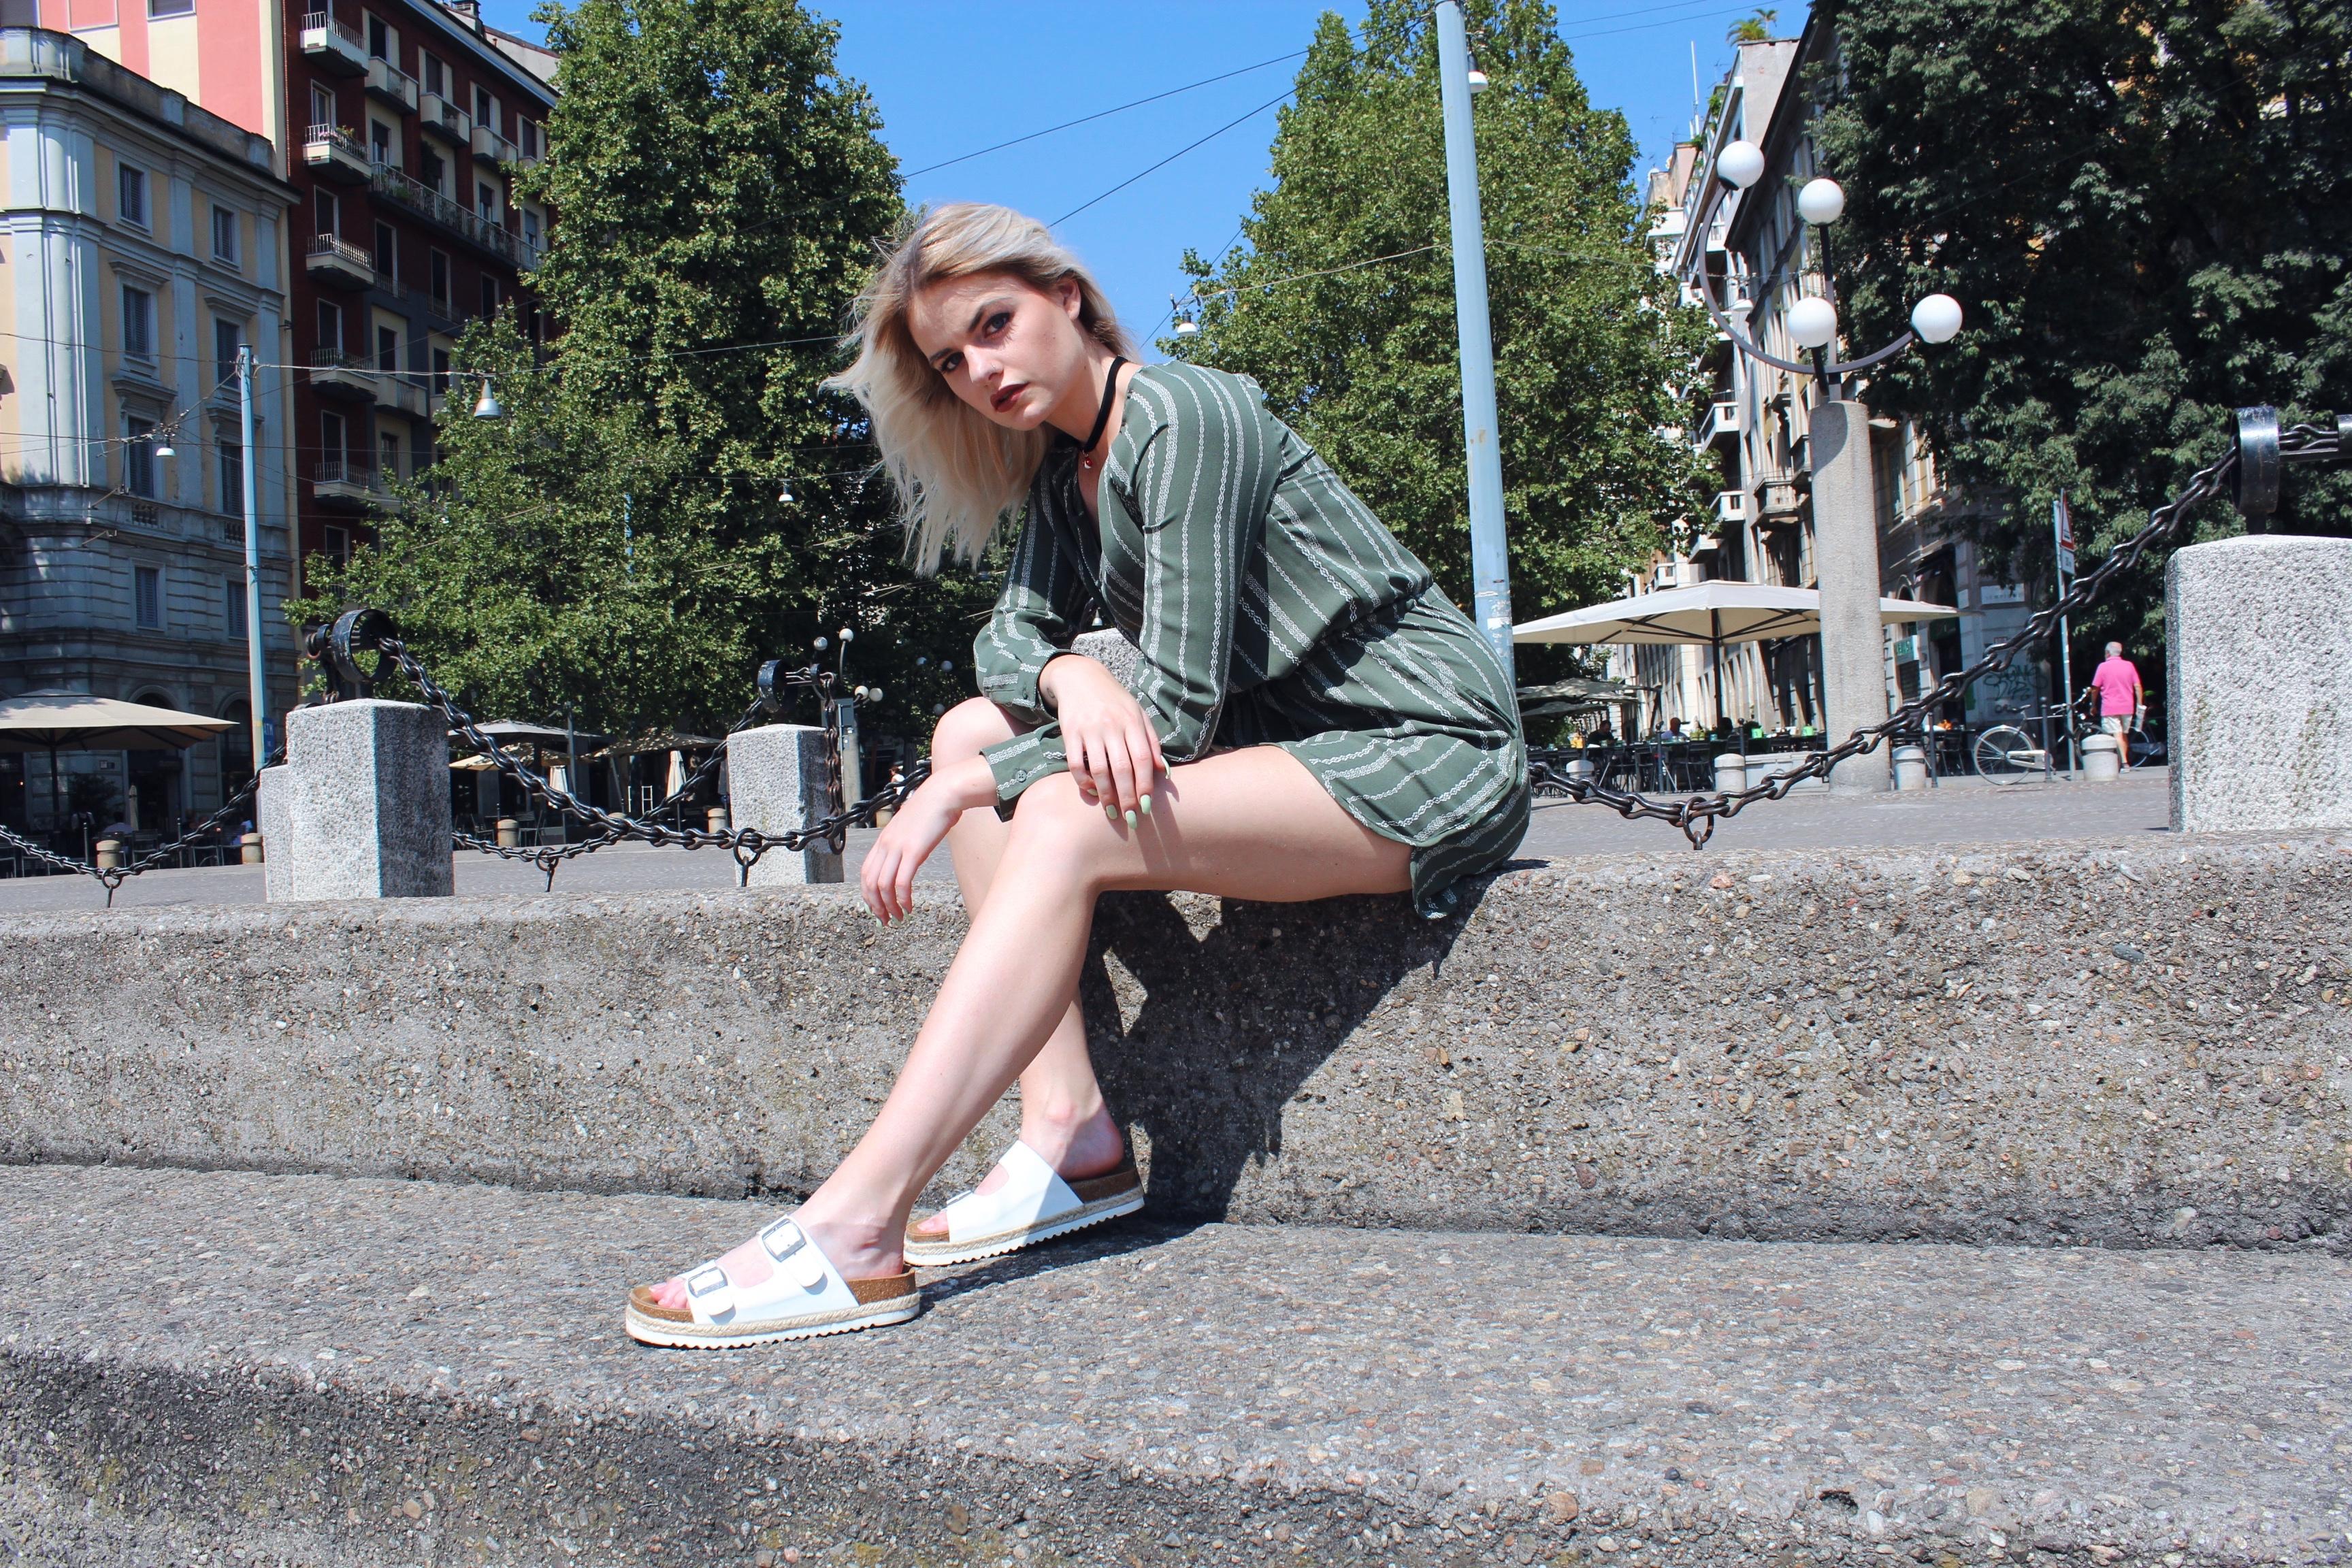 Milano Look No. 1